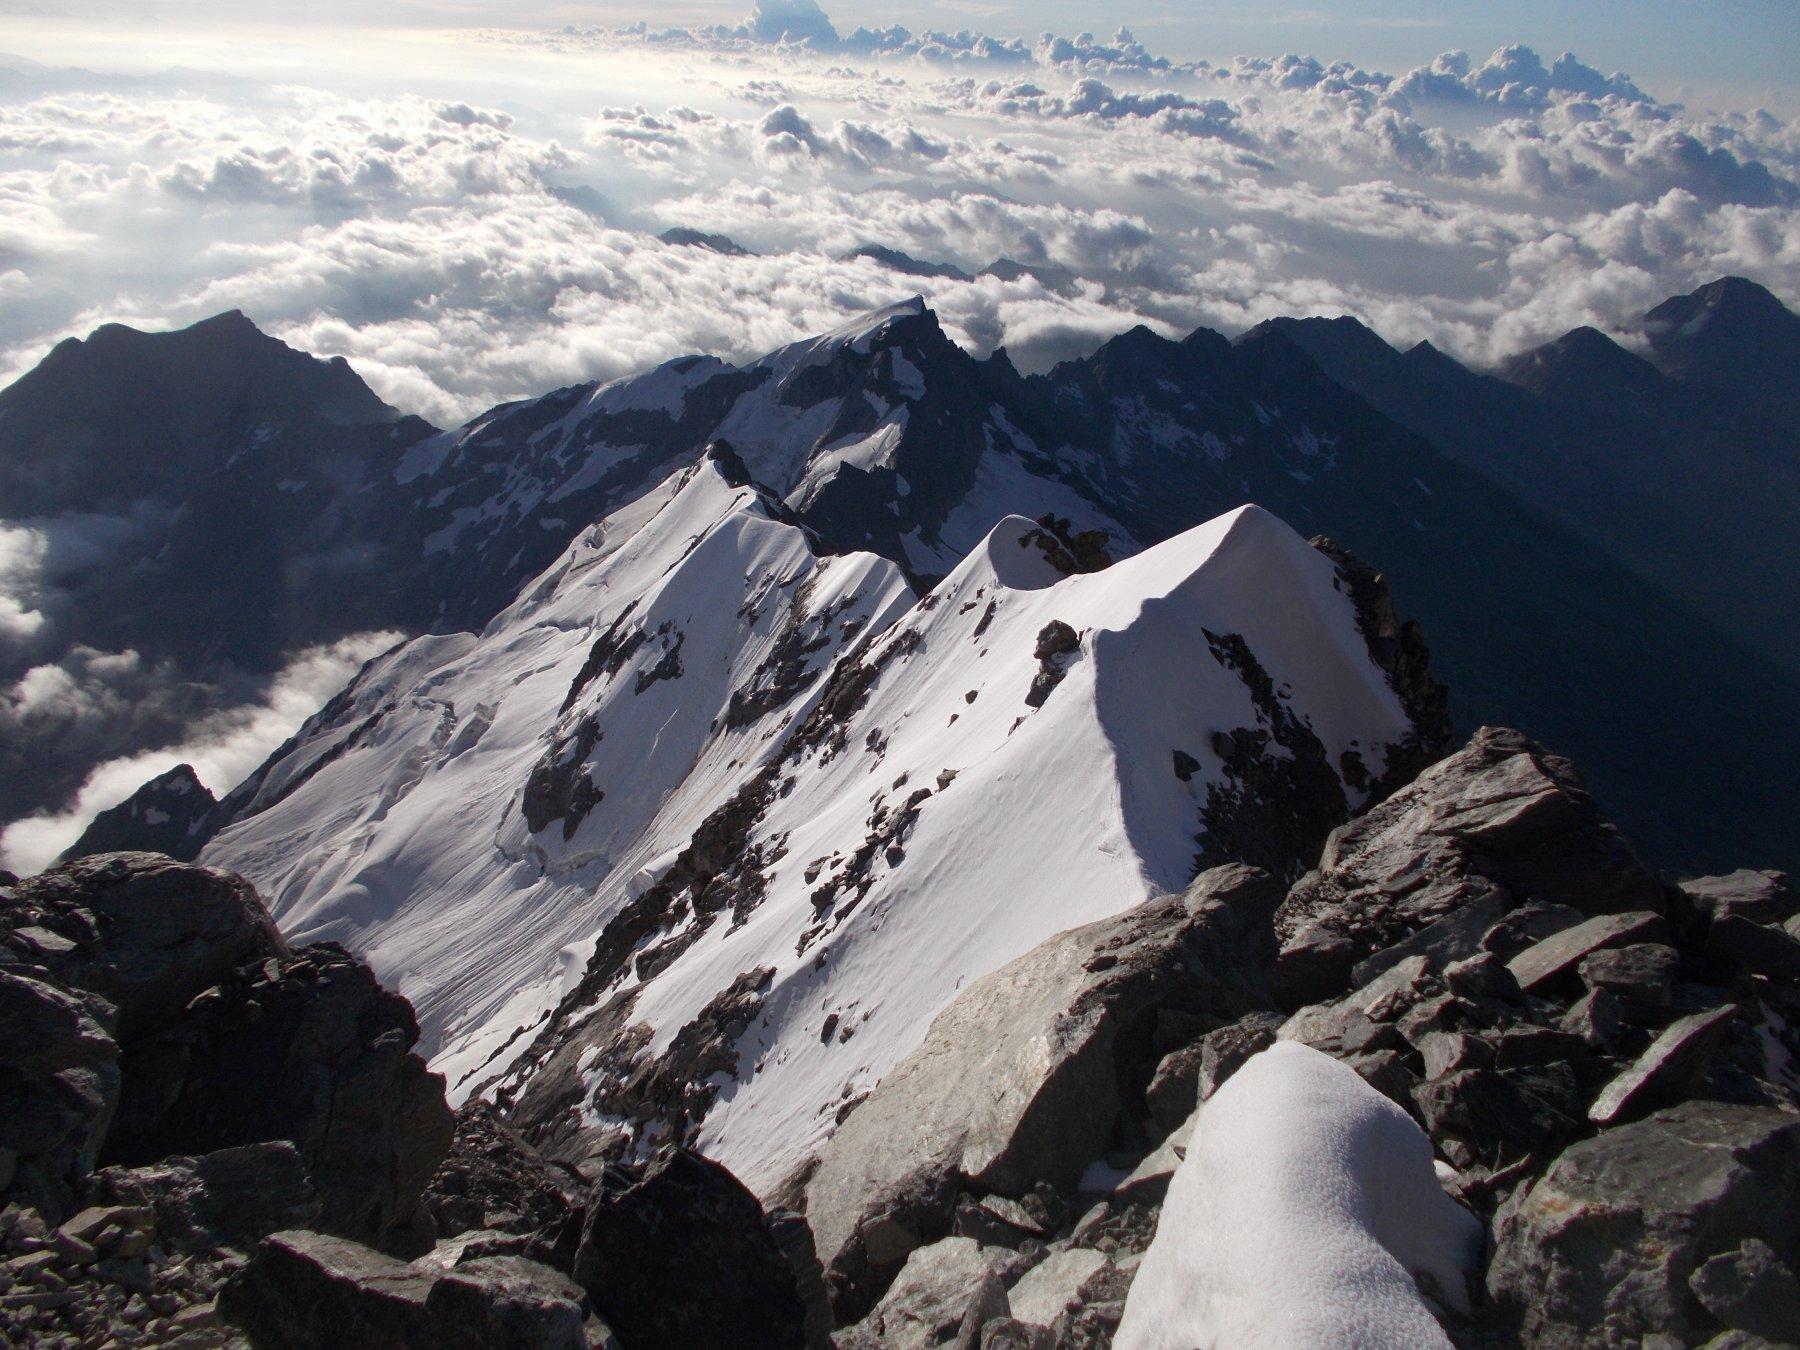 la parte iniziale della cresta essenzialmente in neve..vista dalla zona dei gendarmi..